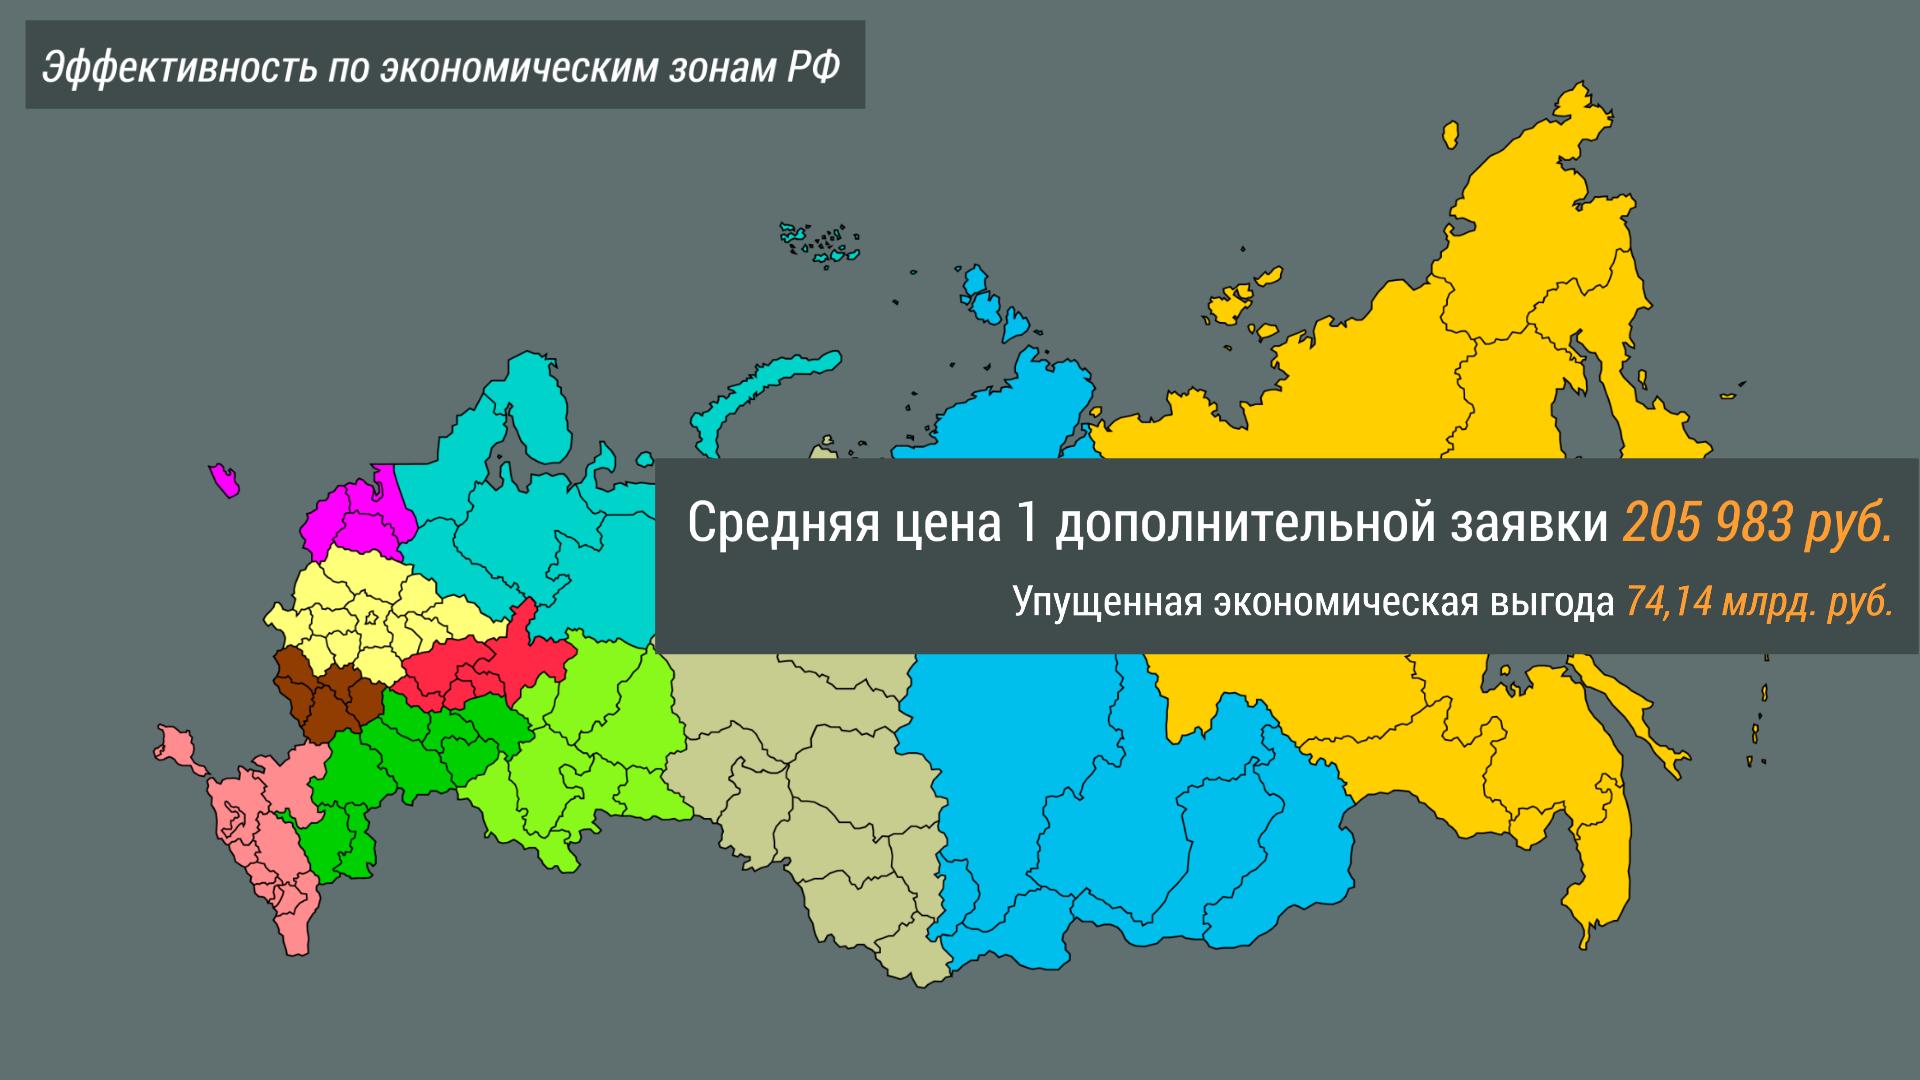 Экономическая эффективность по зонам РФ.